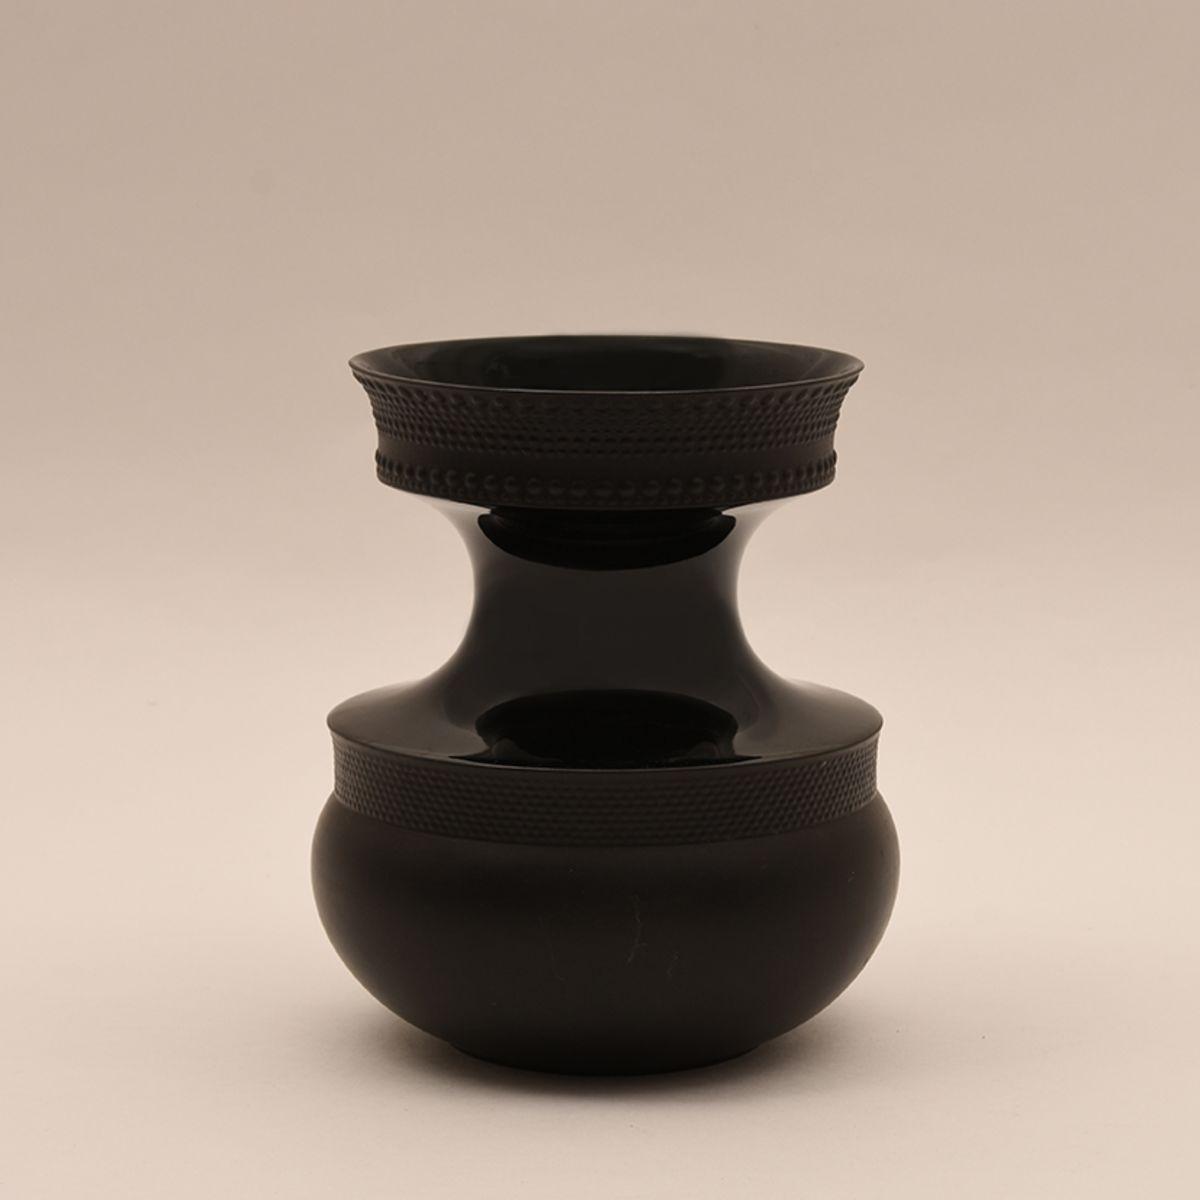 Tapio-Wirkkala_Vase-3051